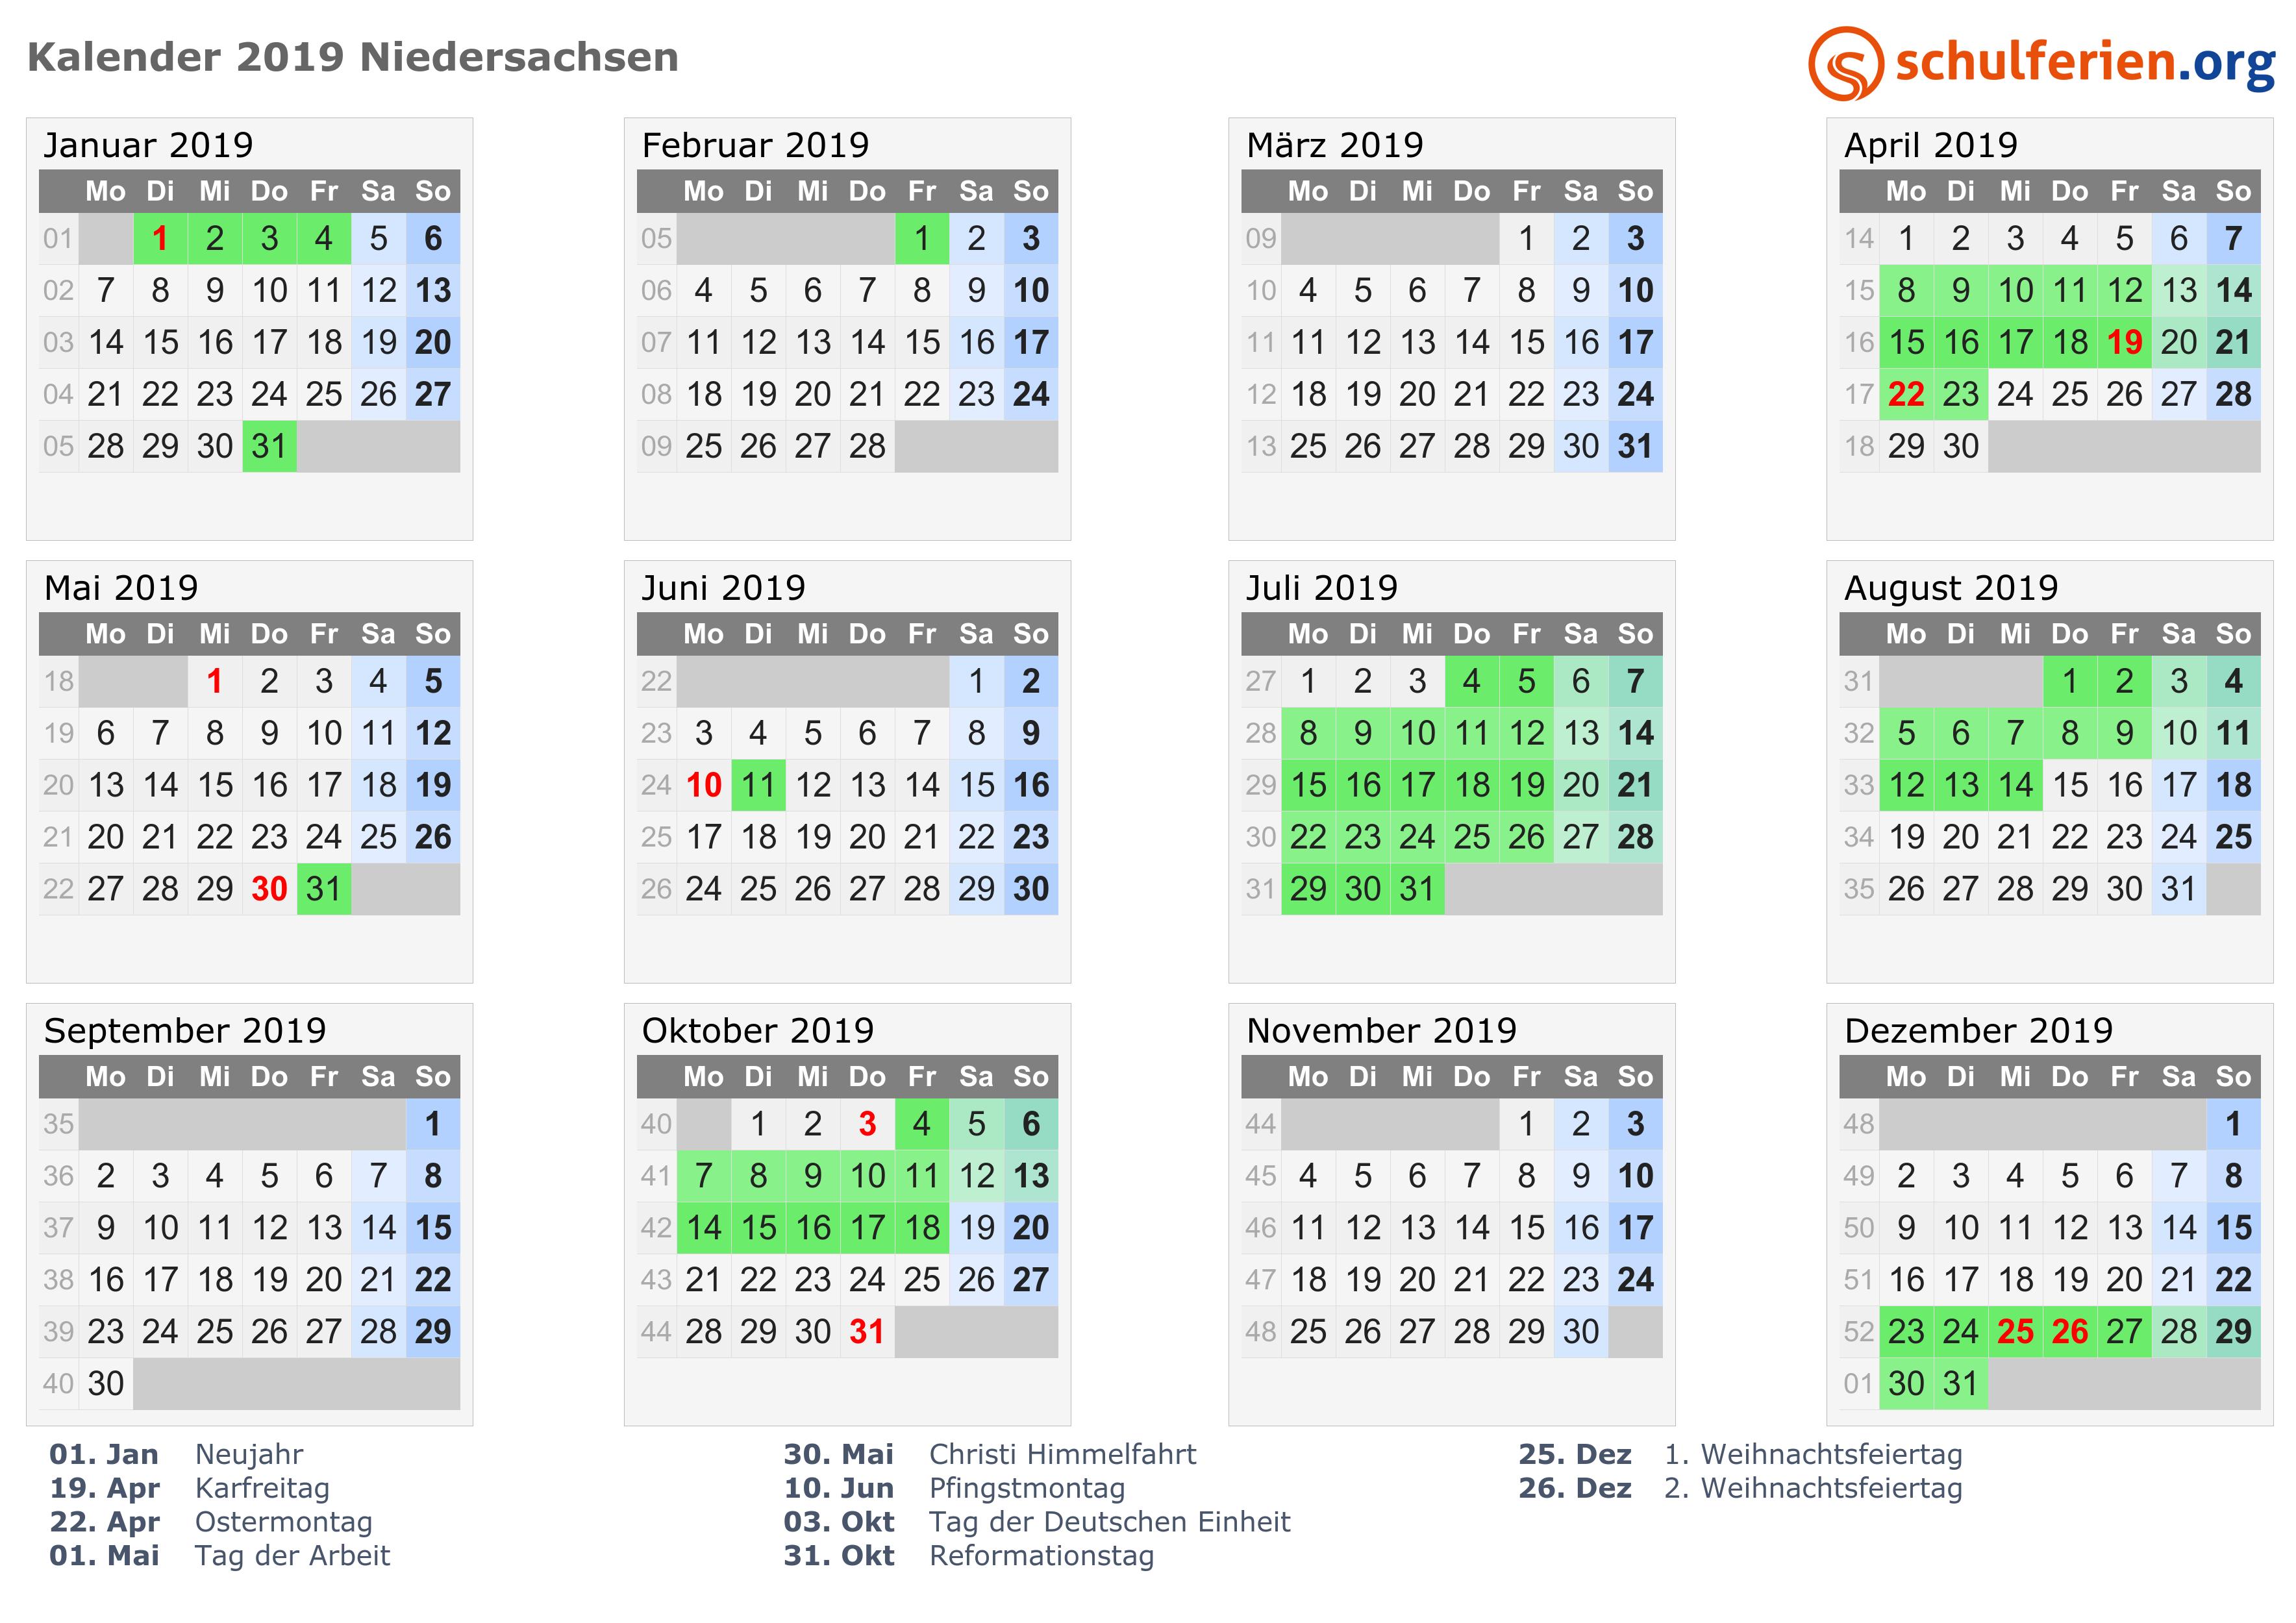 Kalender 2019 Ferien Niedersachsen Feiertage